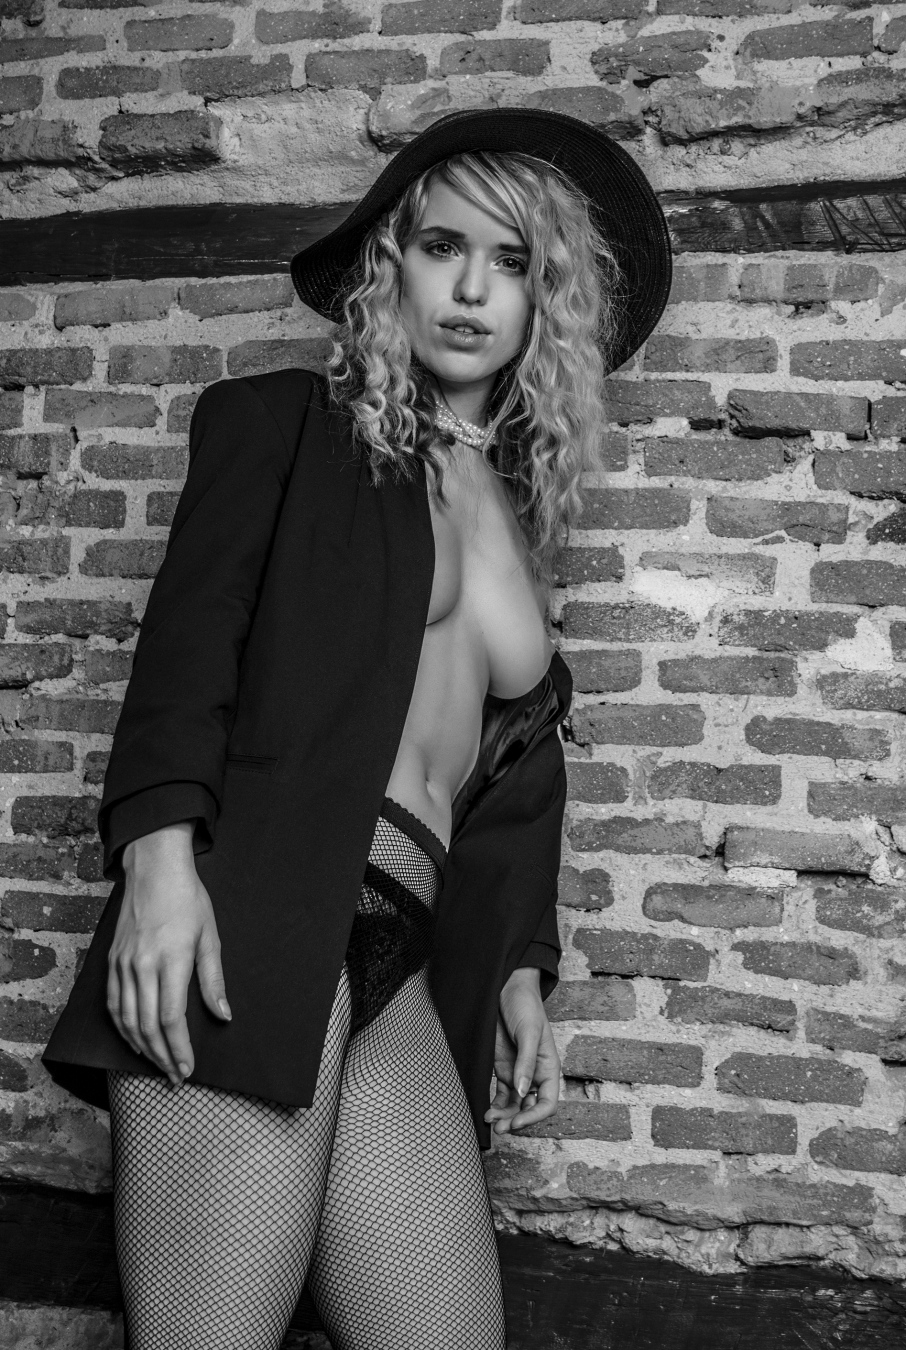 Acceso gratuito - Desnudo, semidesnudo y boudoir. Fotografía por Javier Cuevas